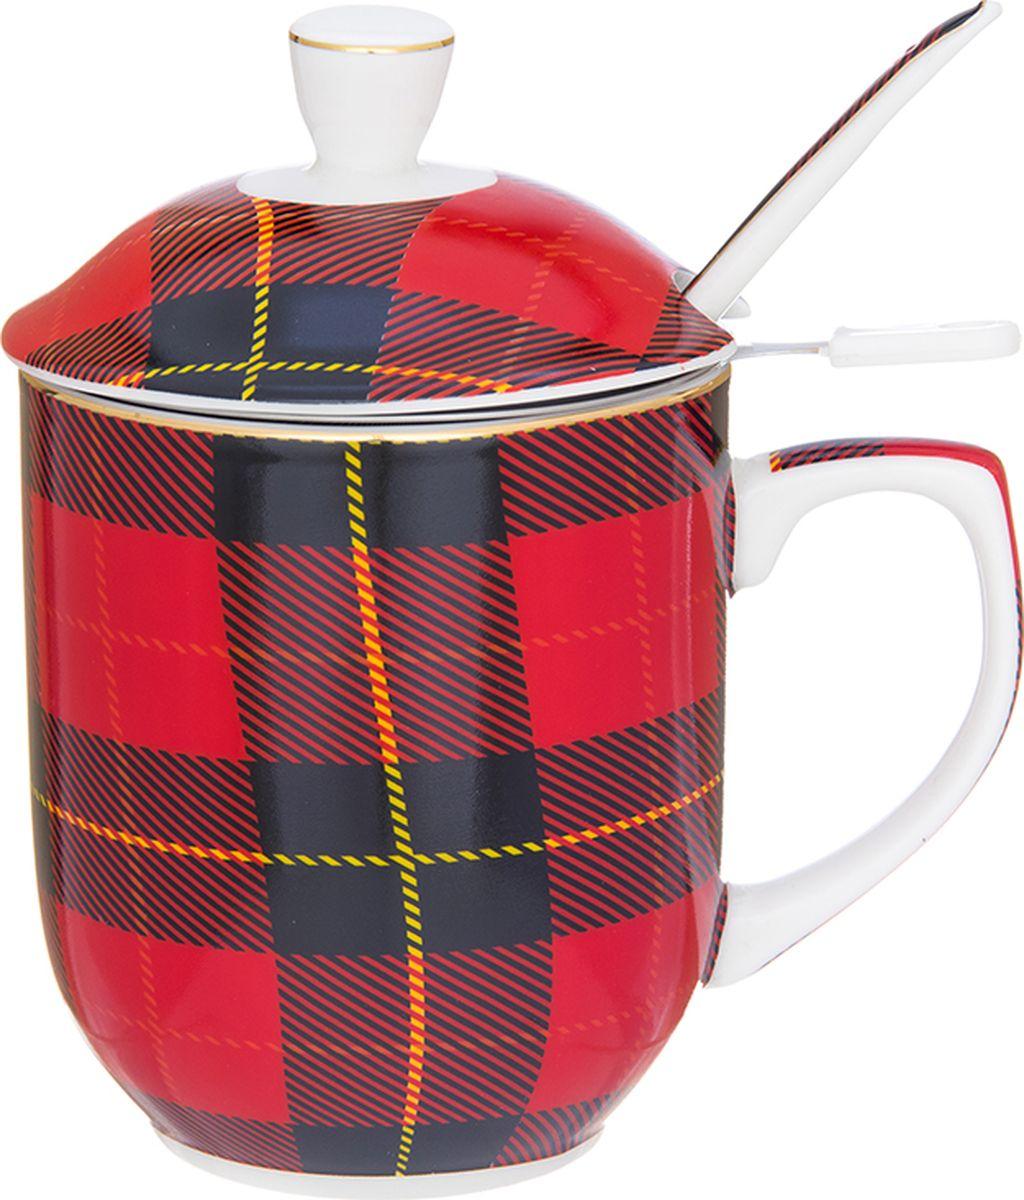 Кружка Elan Gallery Клетка темно - красная, с ложкой, 350 мл. 730668730668Кружка с металлическим ситом и ложкой для заваривания чая станет прекрасным подарком и послужит верой и правдой в повседневной жизни.